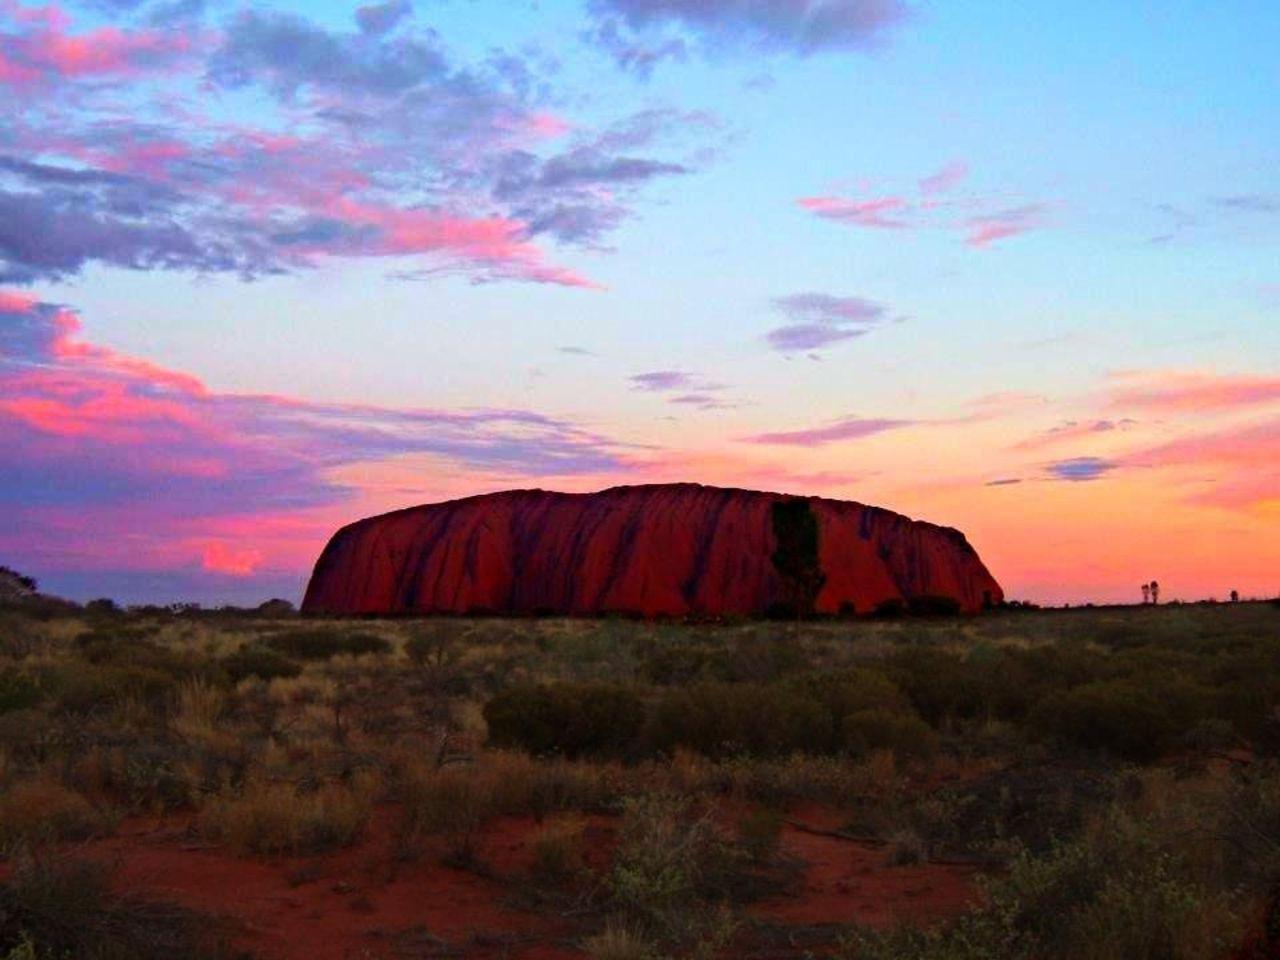 地球ってすごい…と絶句する。大自然の宝庫「オーストラリア」の世界遺産8選                当サイト内のおでかけ情報に関してこのまとめ記事の目次